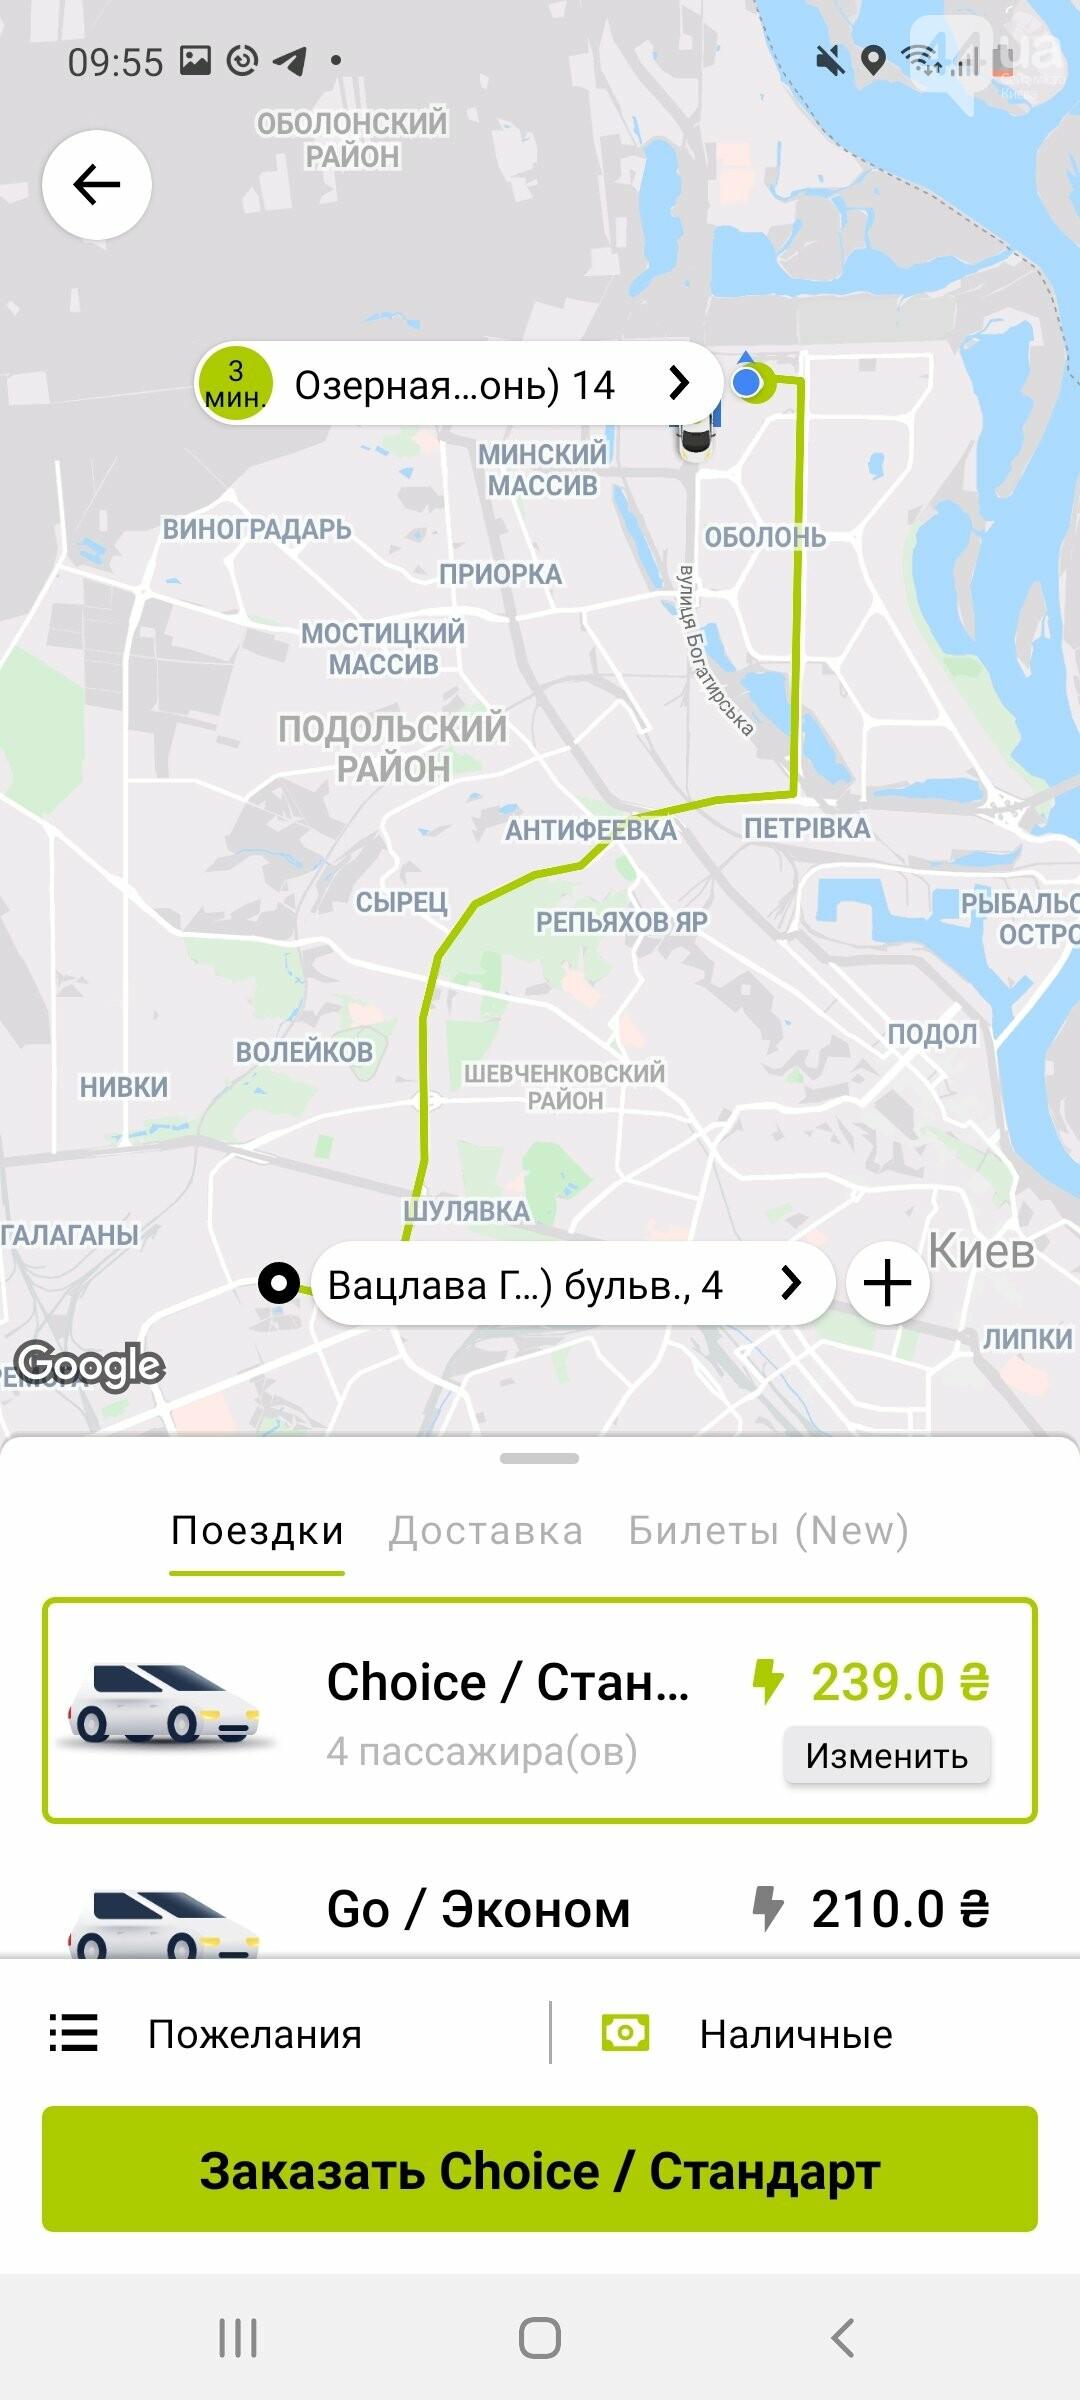 В Киеве резко взлетели цены на такси., Фото 44.ua